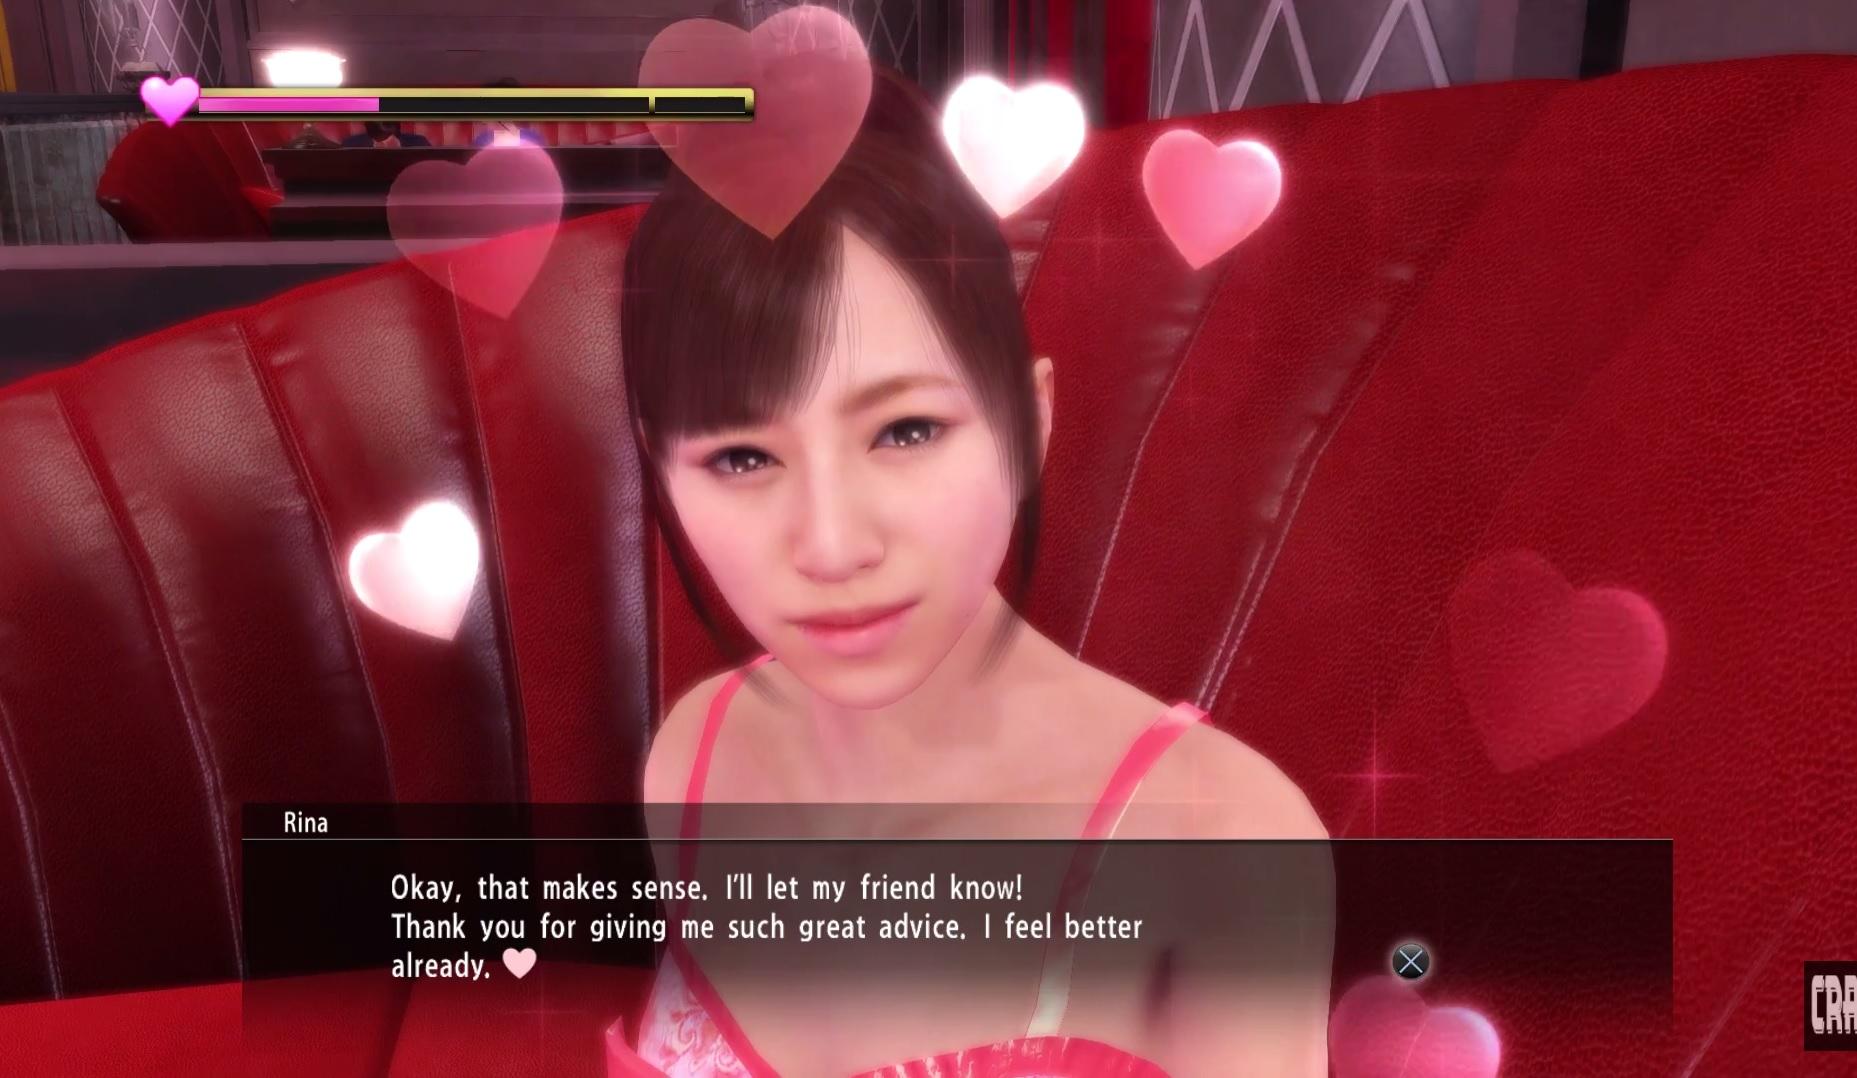 Yakuza dating